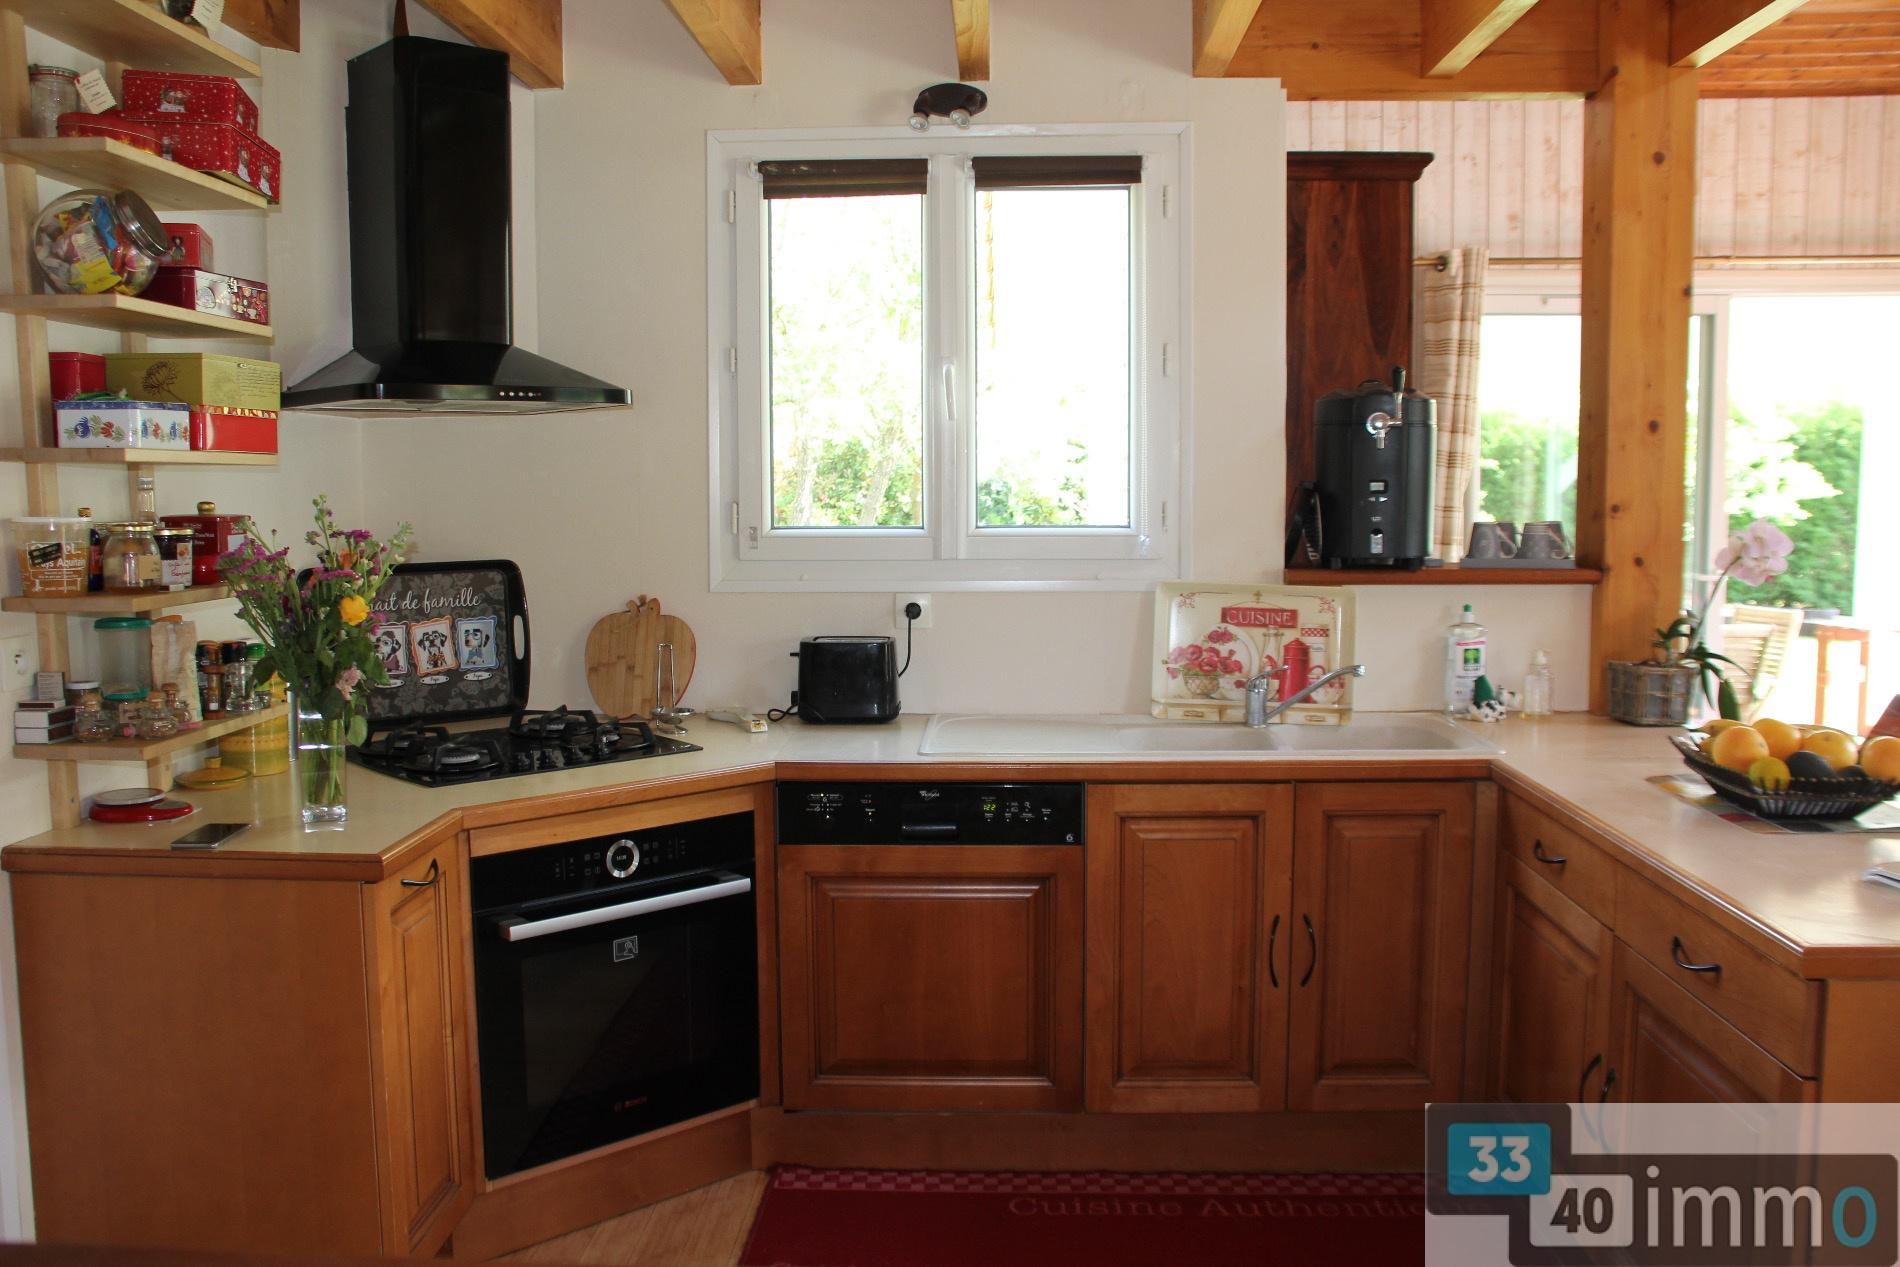 Vente maison bois entre nature et commodit s 3340 immo - Maison nature et bois ...